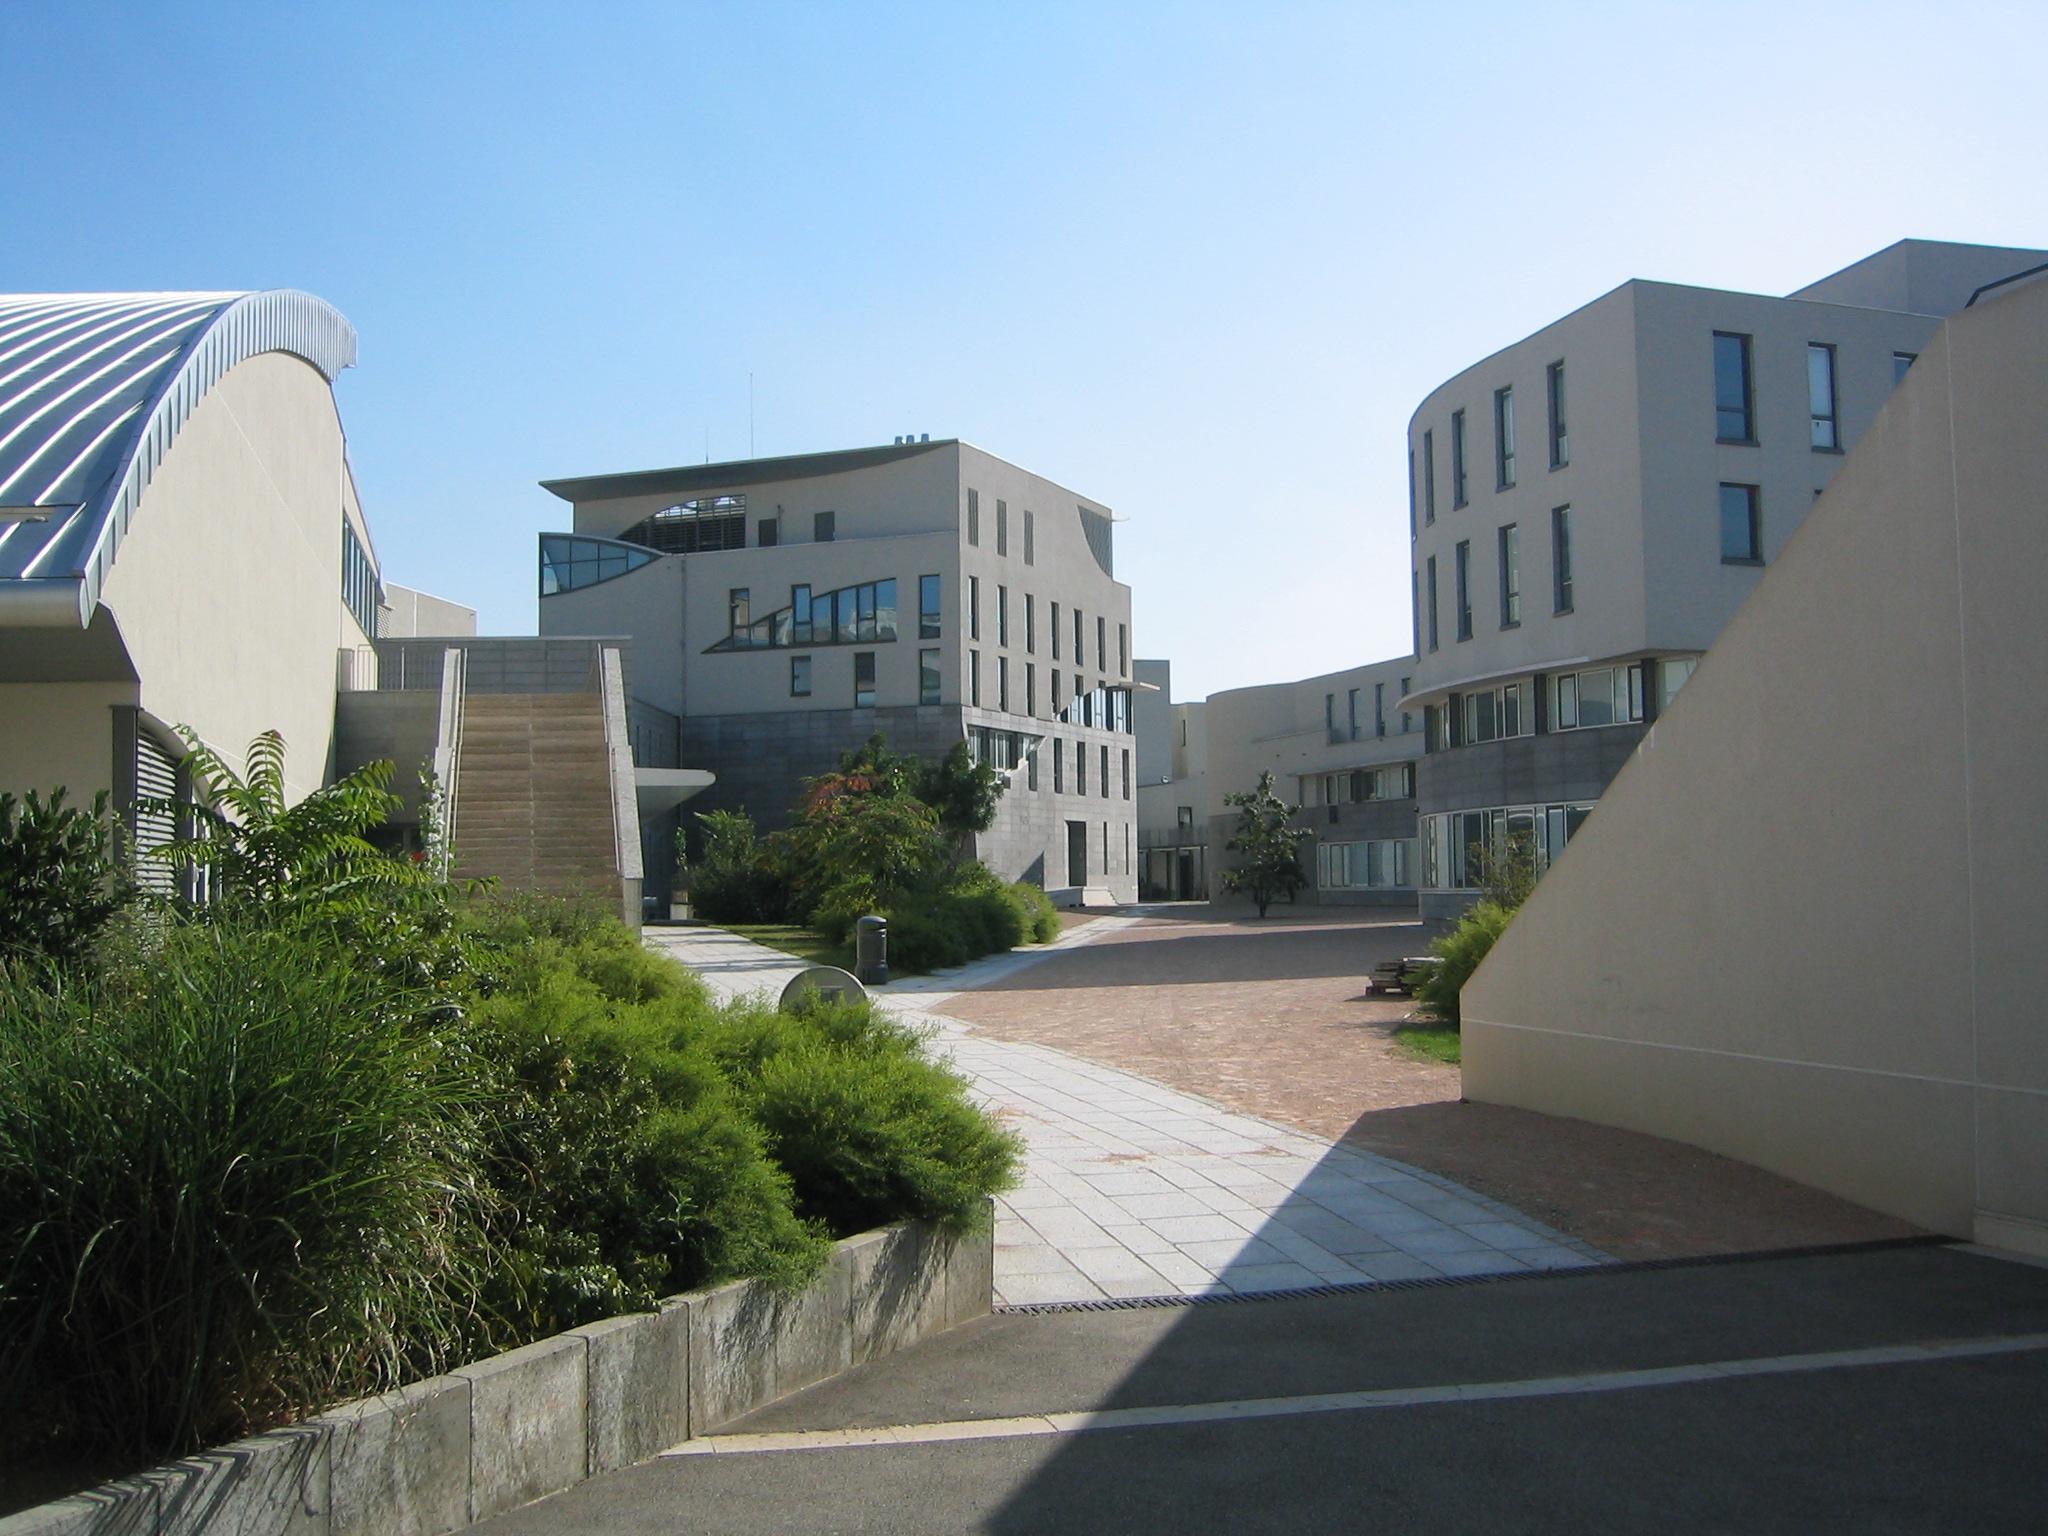 Ecole Paysagiste Lyon destiné gilles clement - leblogdelaville